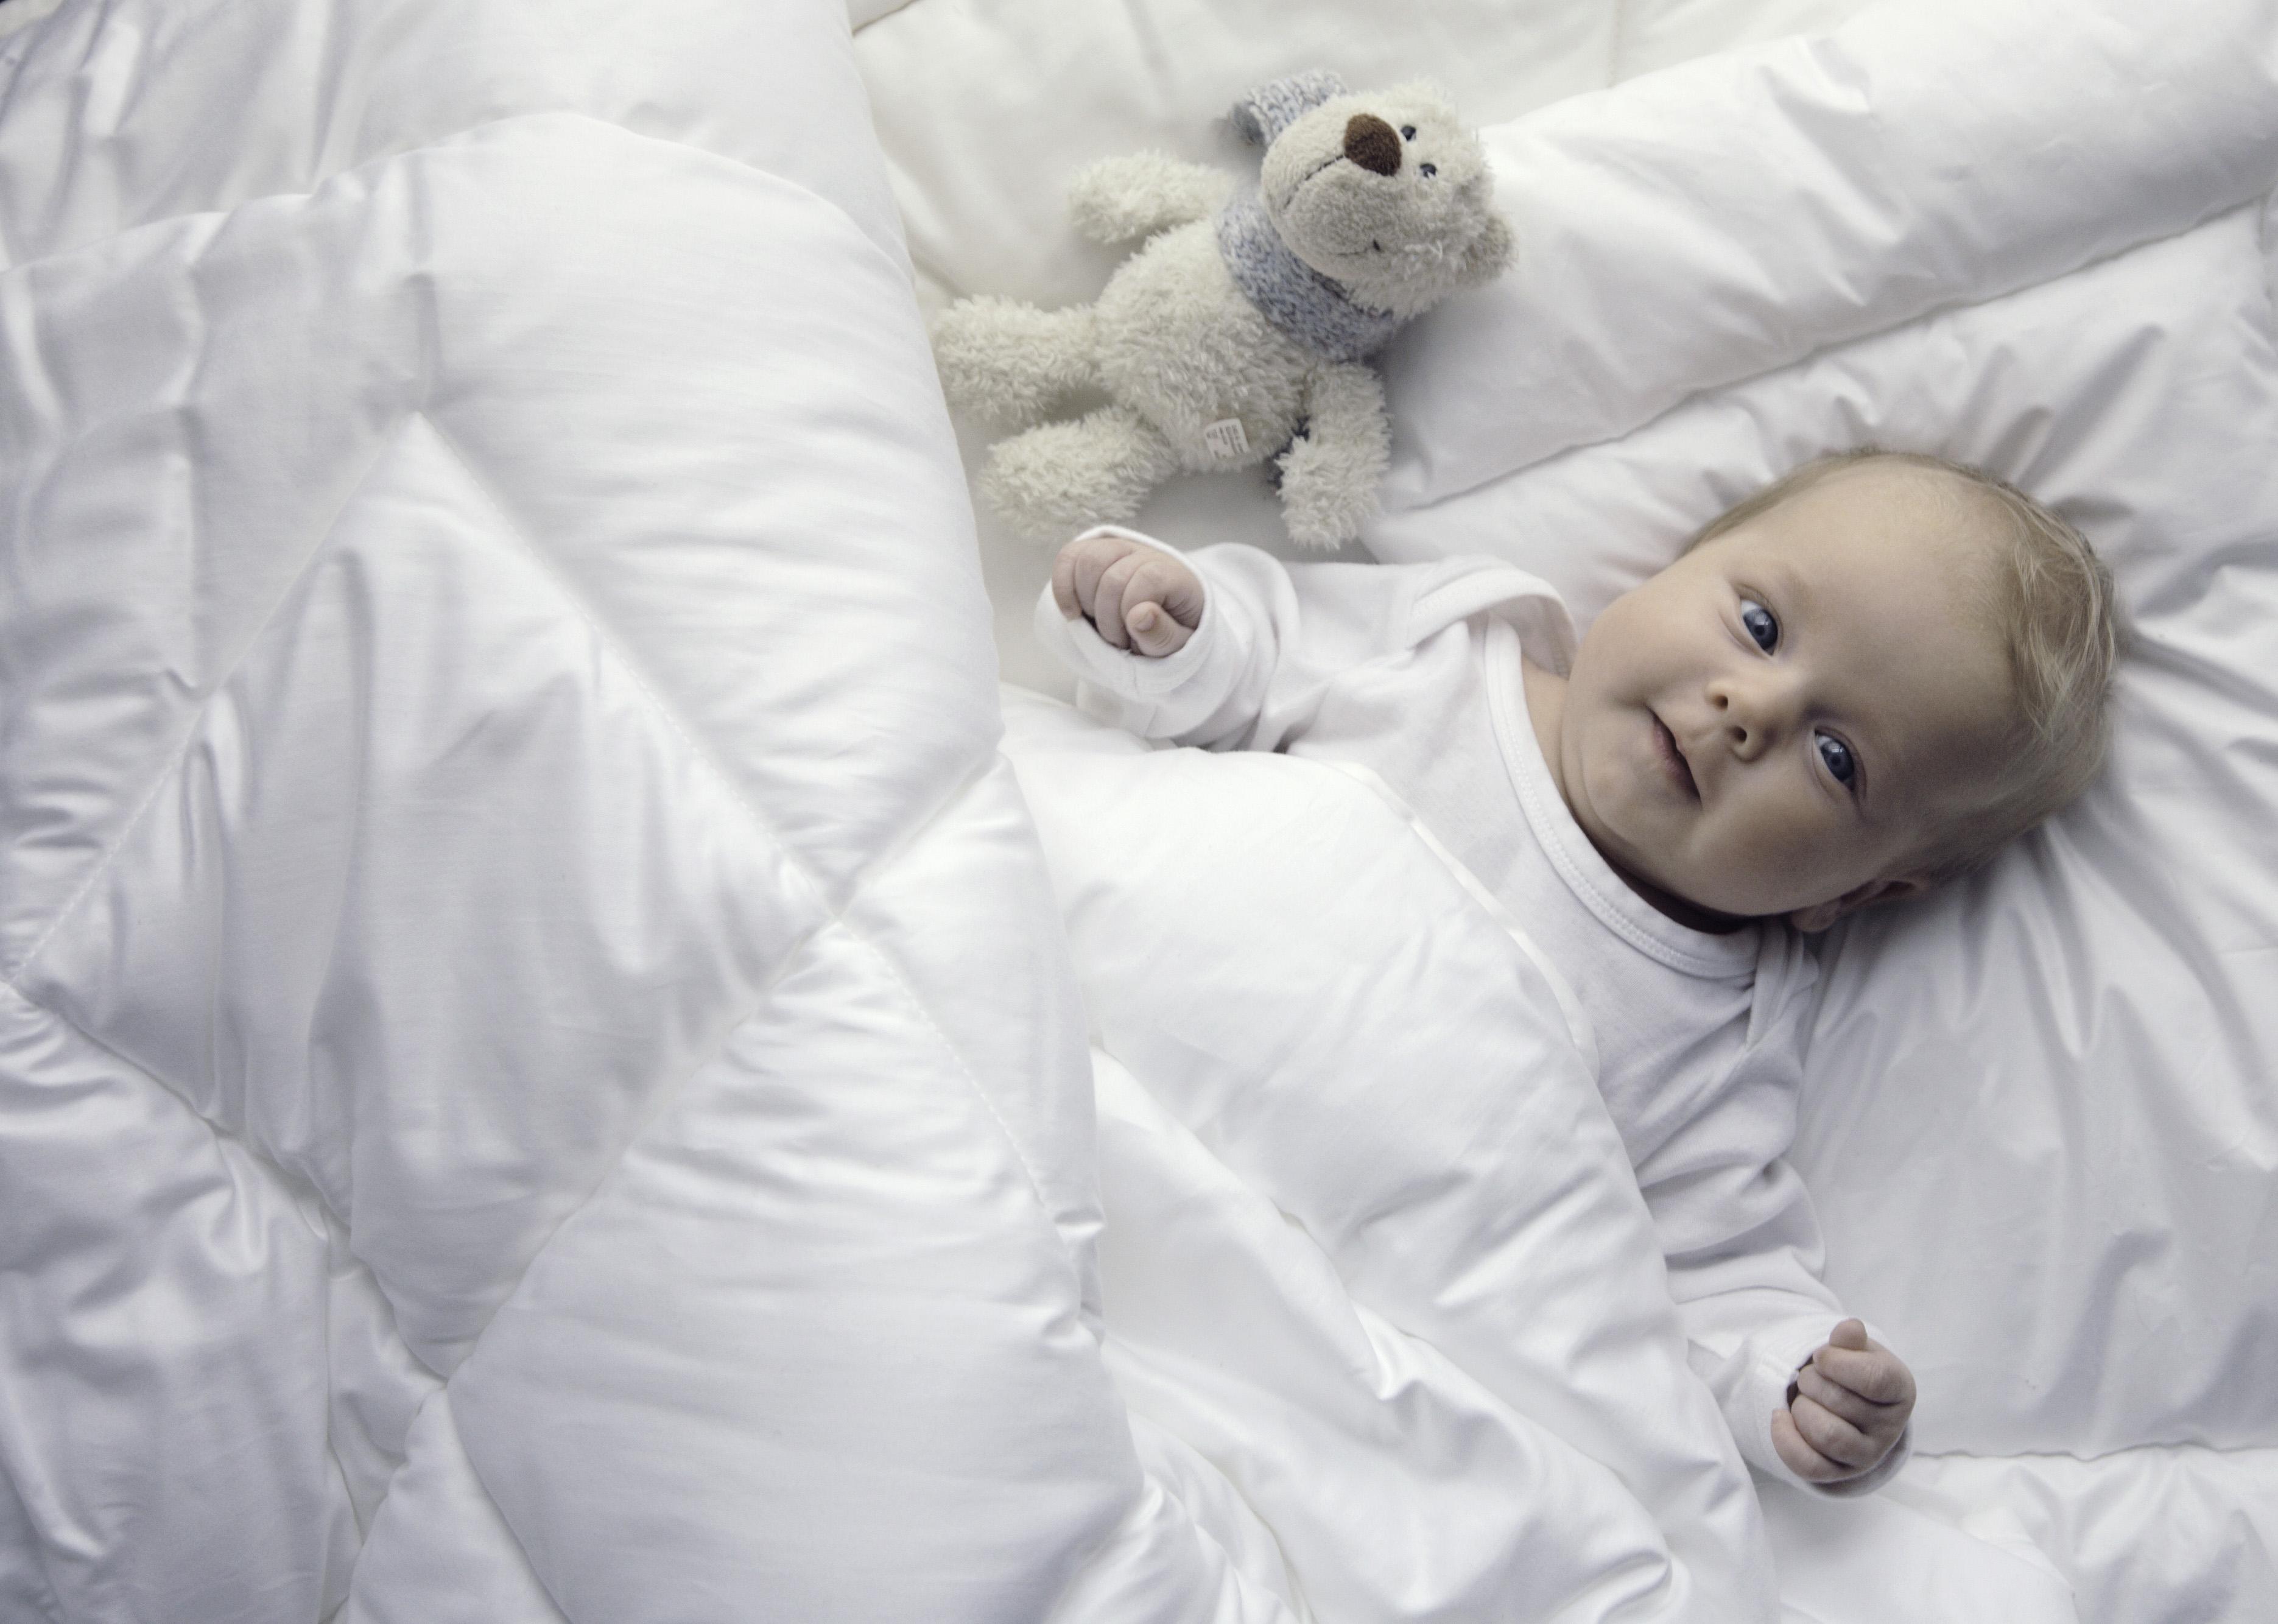 kinderbetten set schadstoffgepr ft f r junge allergiker purenature. Black Bedroom Furniture Sets. Home Design Ideas